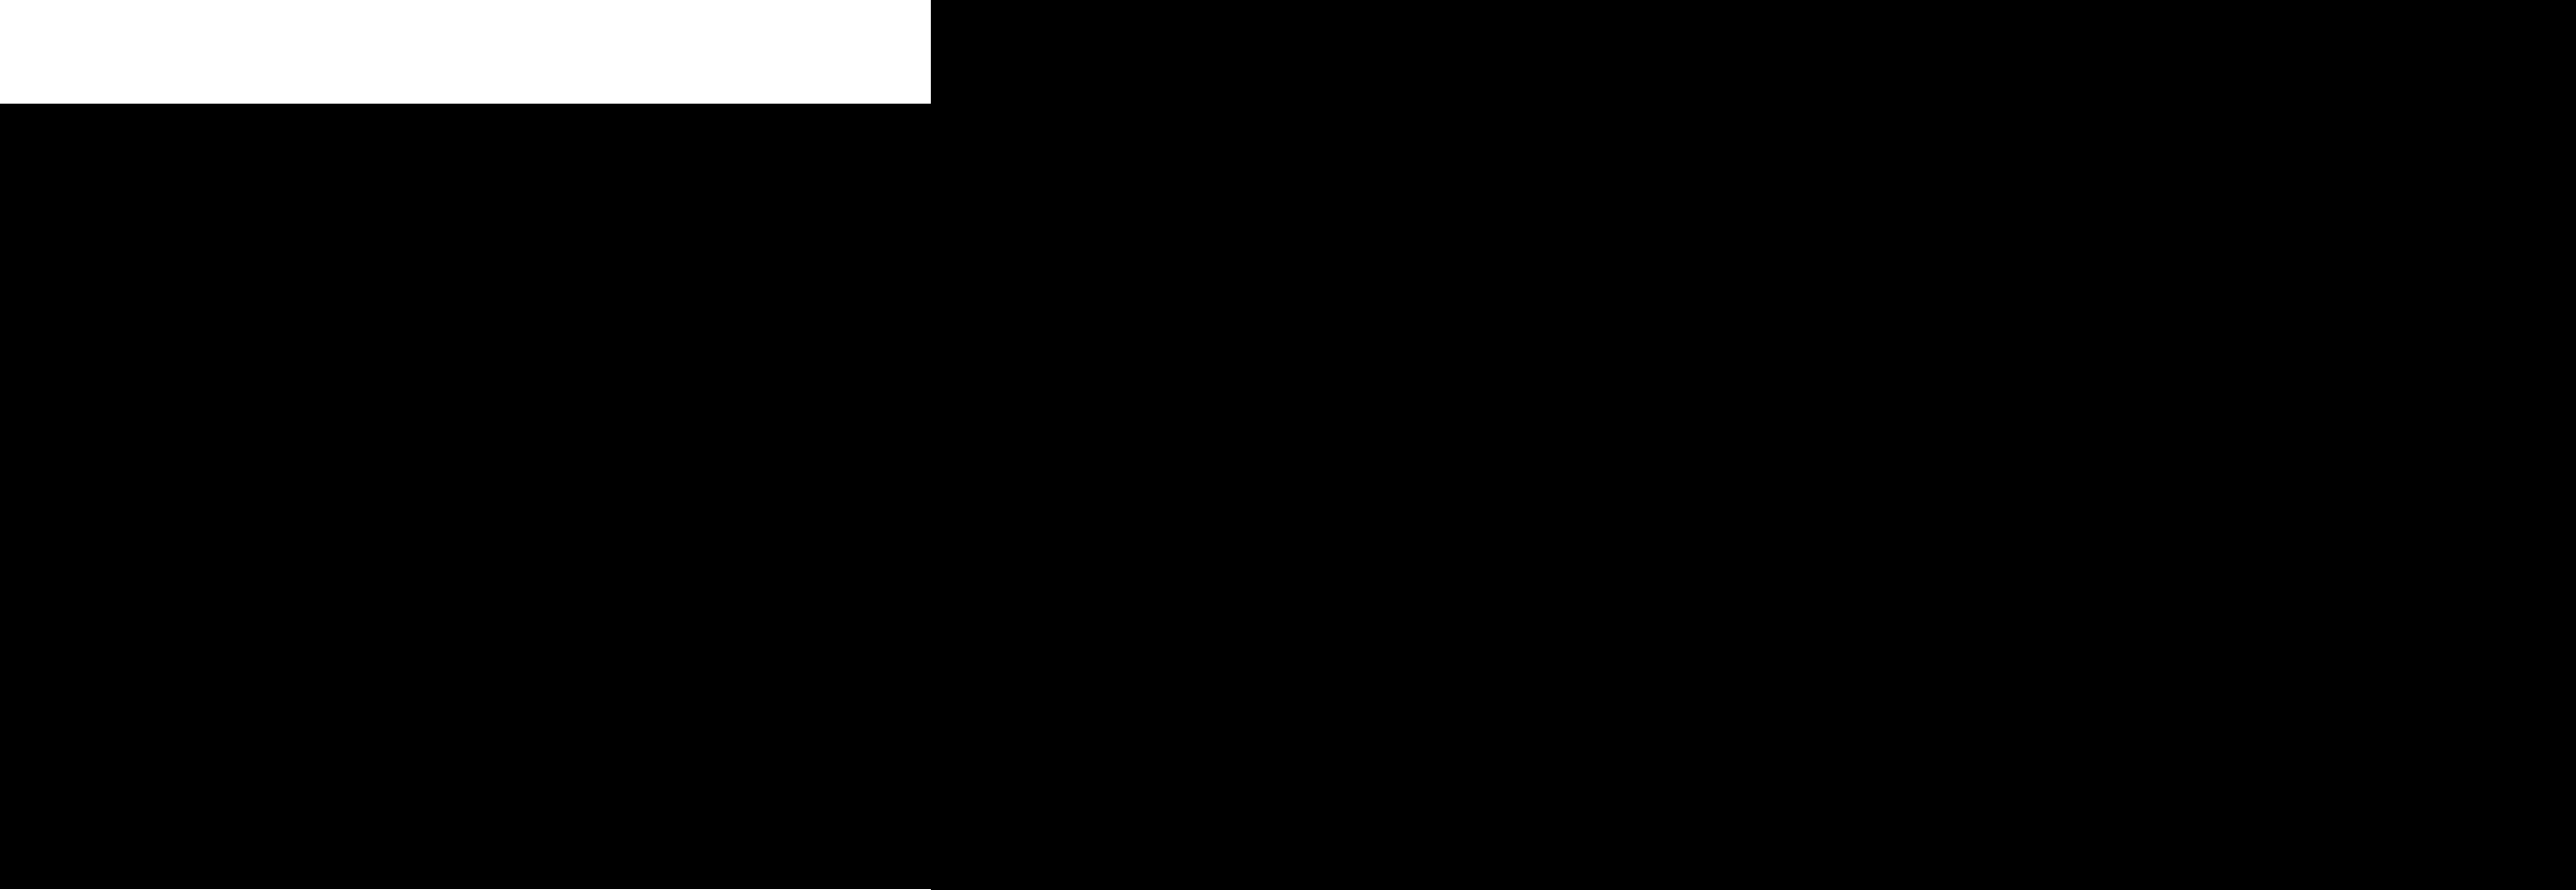 3b9a9744-57c8-4f99-ba0b-0f2214d24a70.png